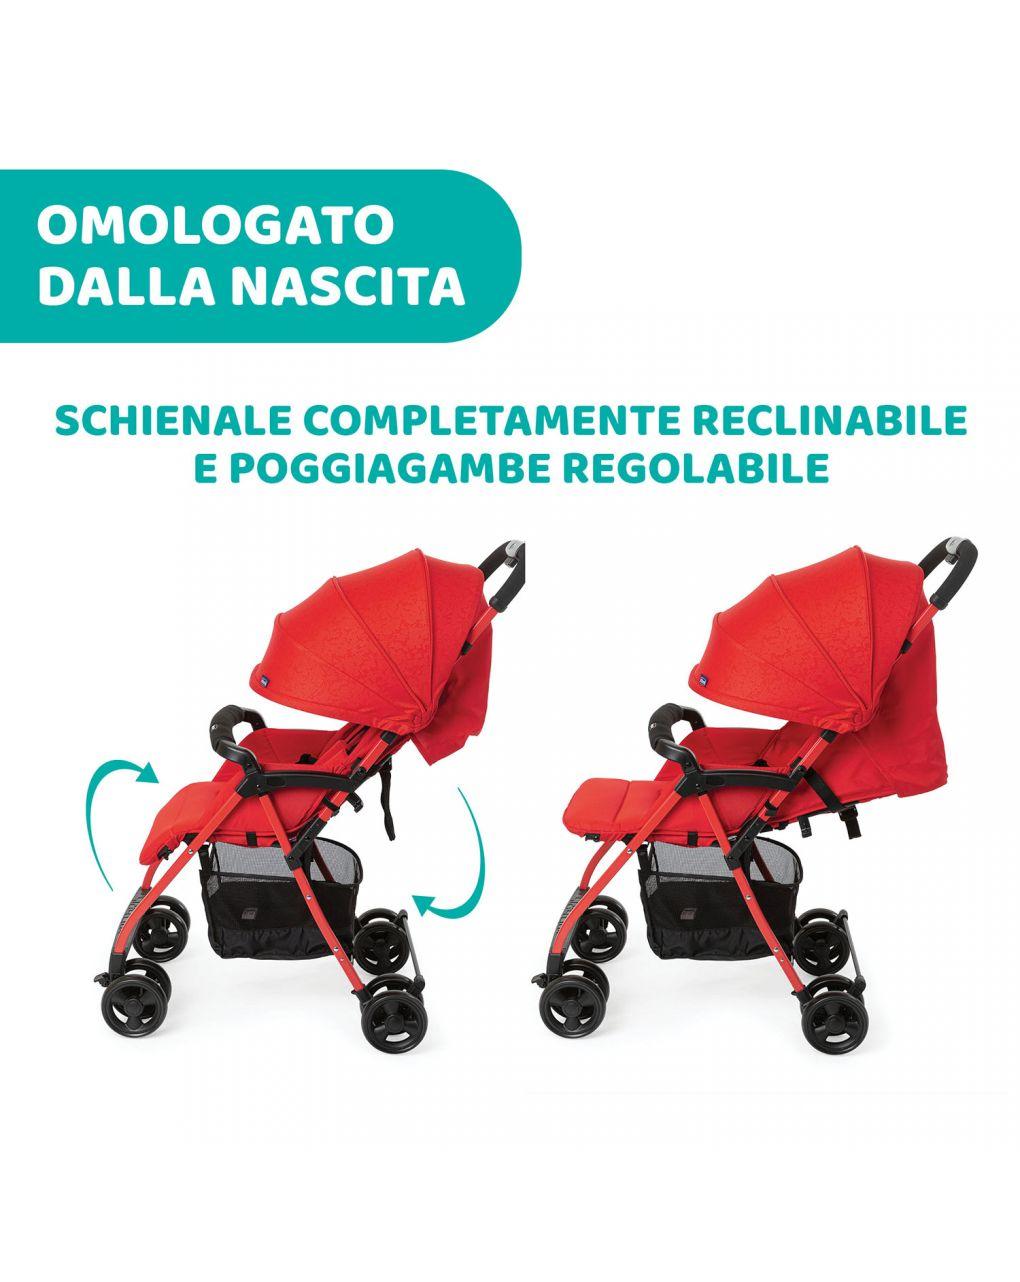 Passeggino ohlalà 3 red passion - Chicco